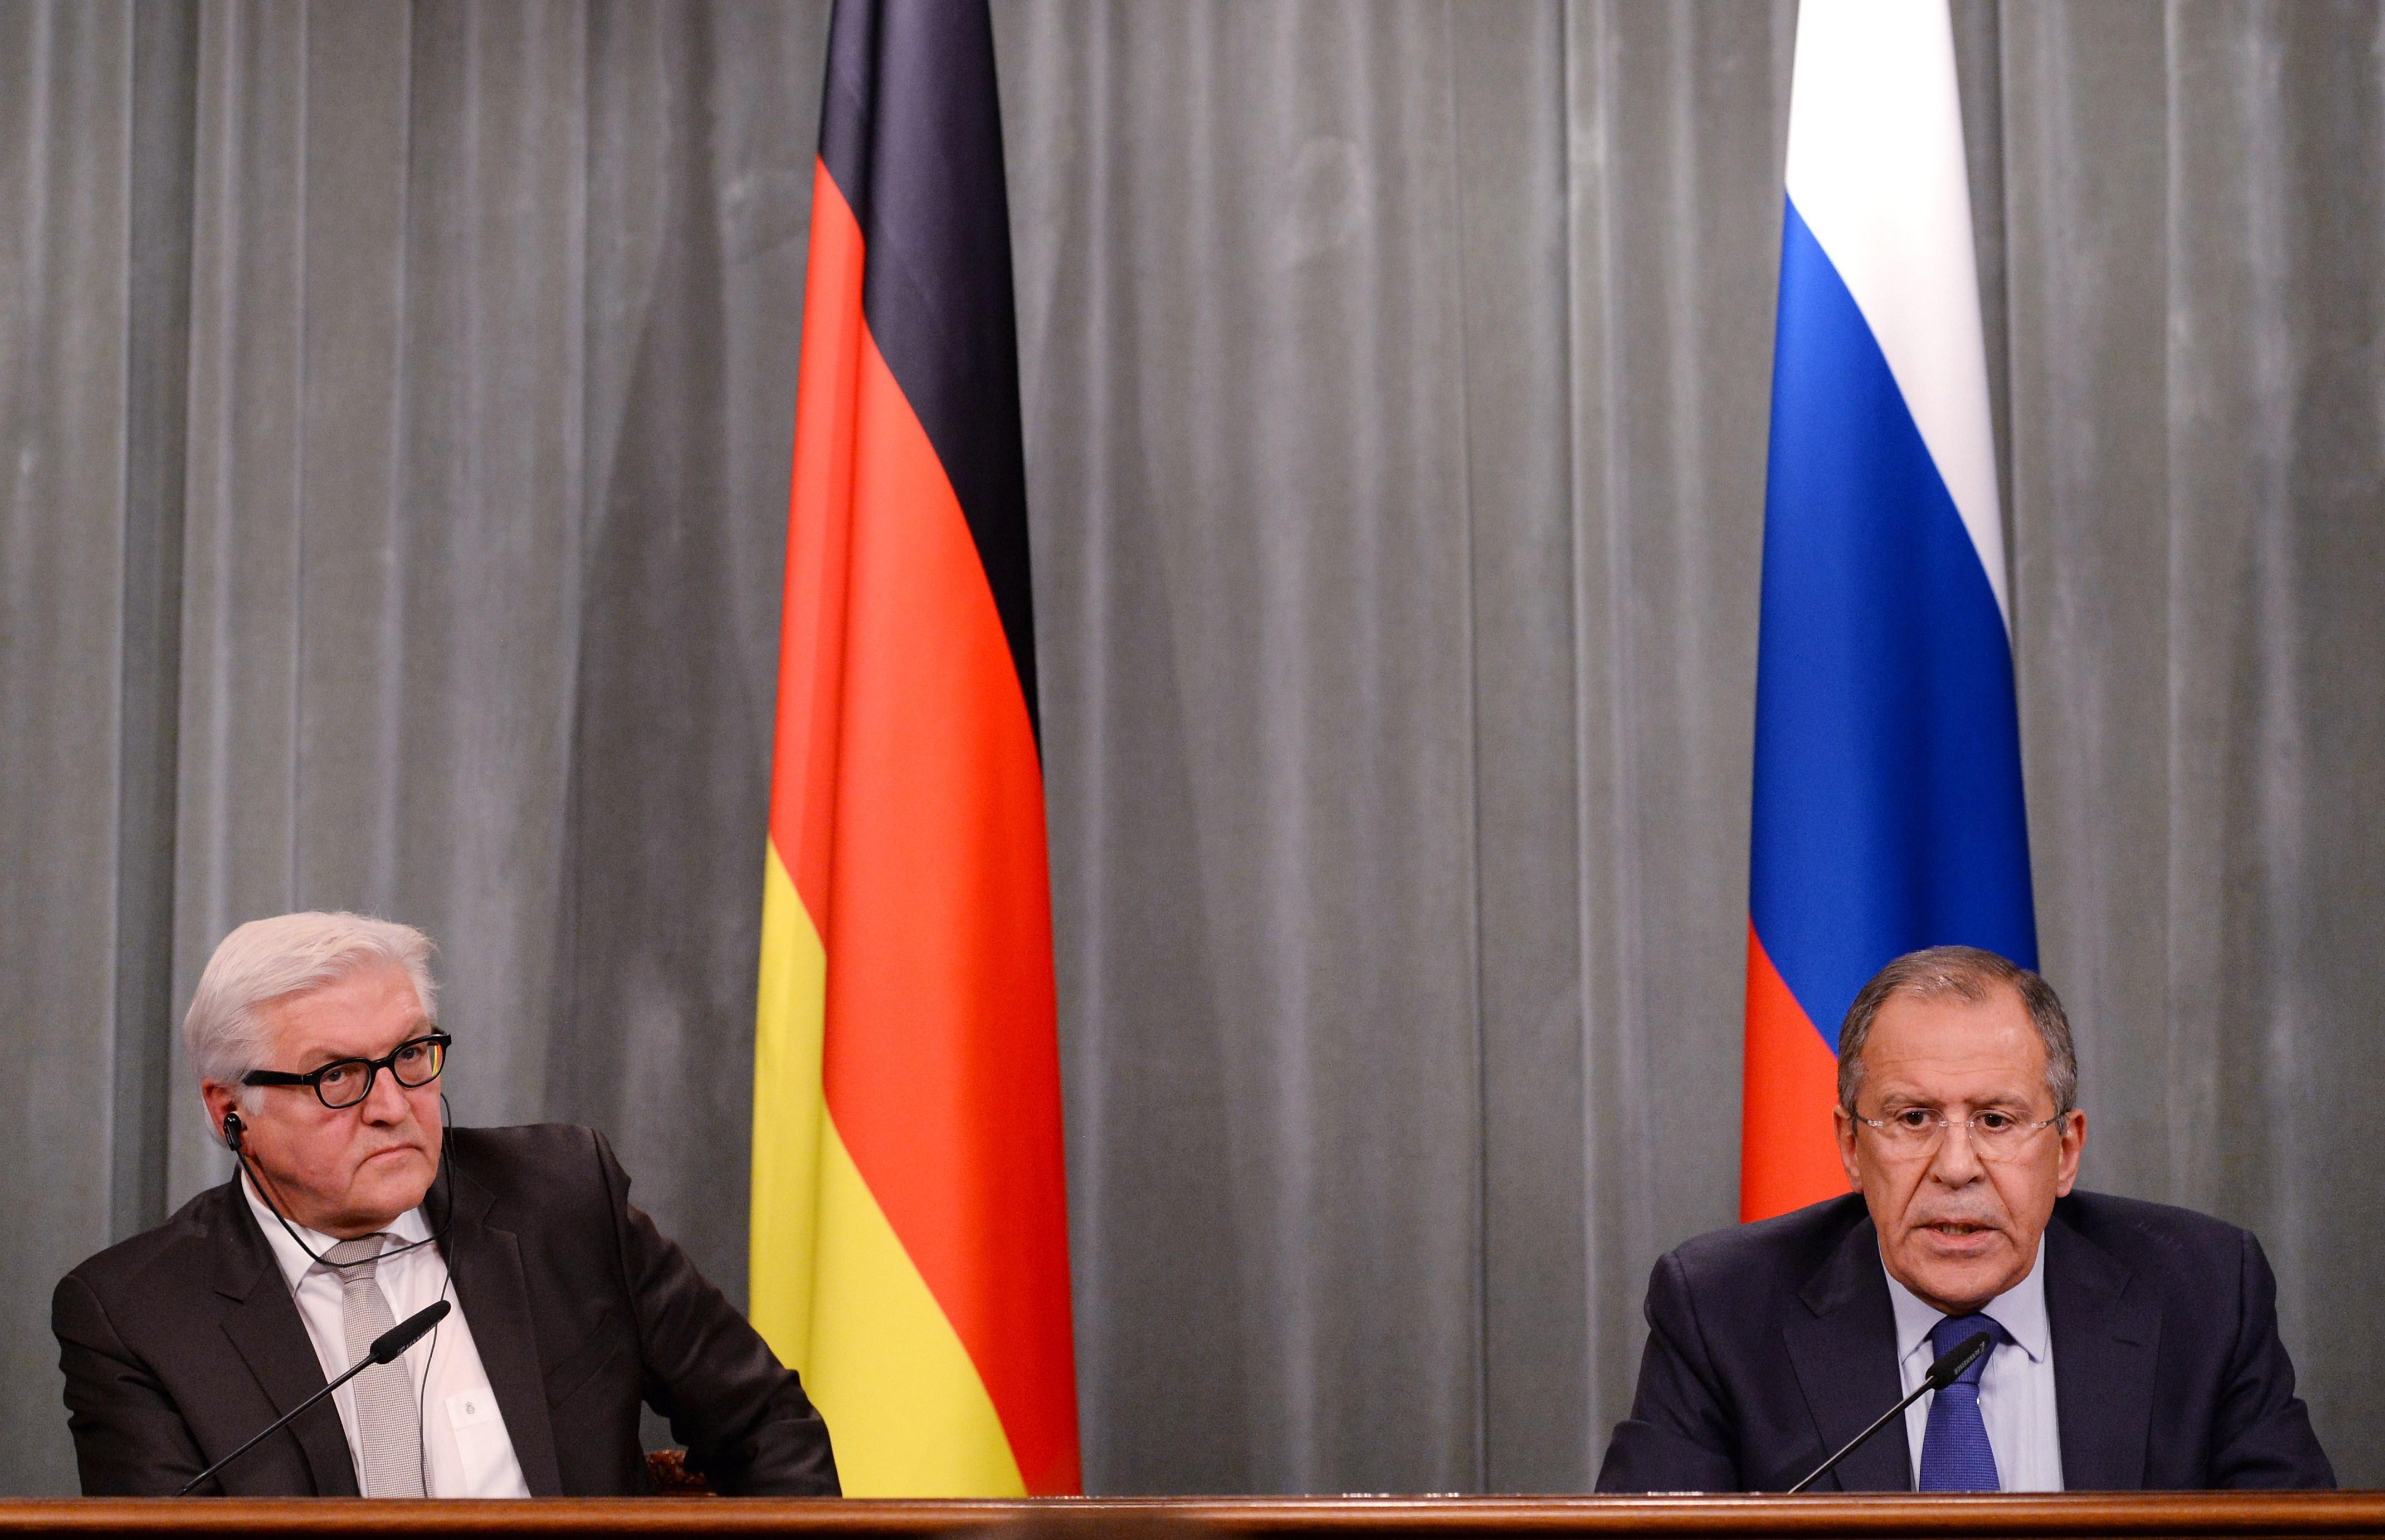 Russland verlangt hundertprozentige Garantie: Kein Nato-Beitritt der Ukraine